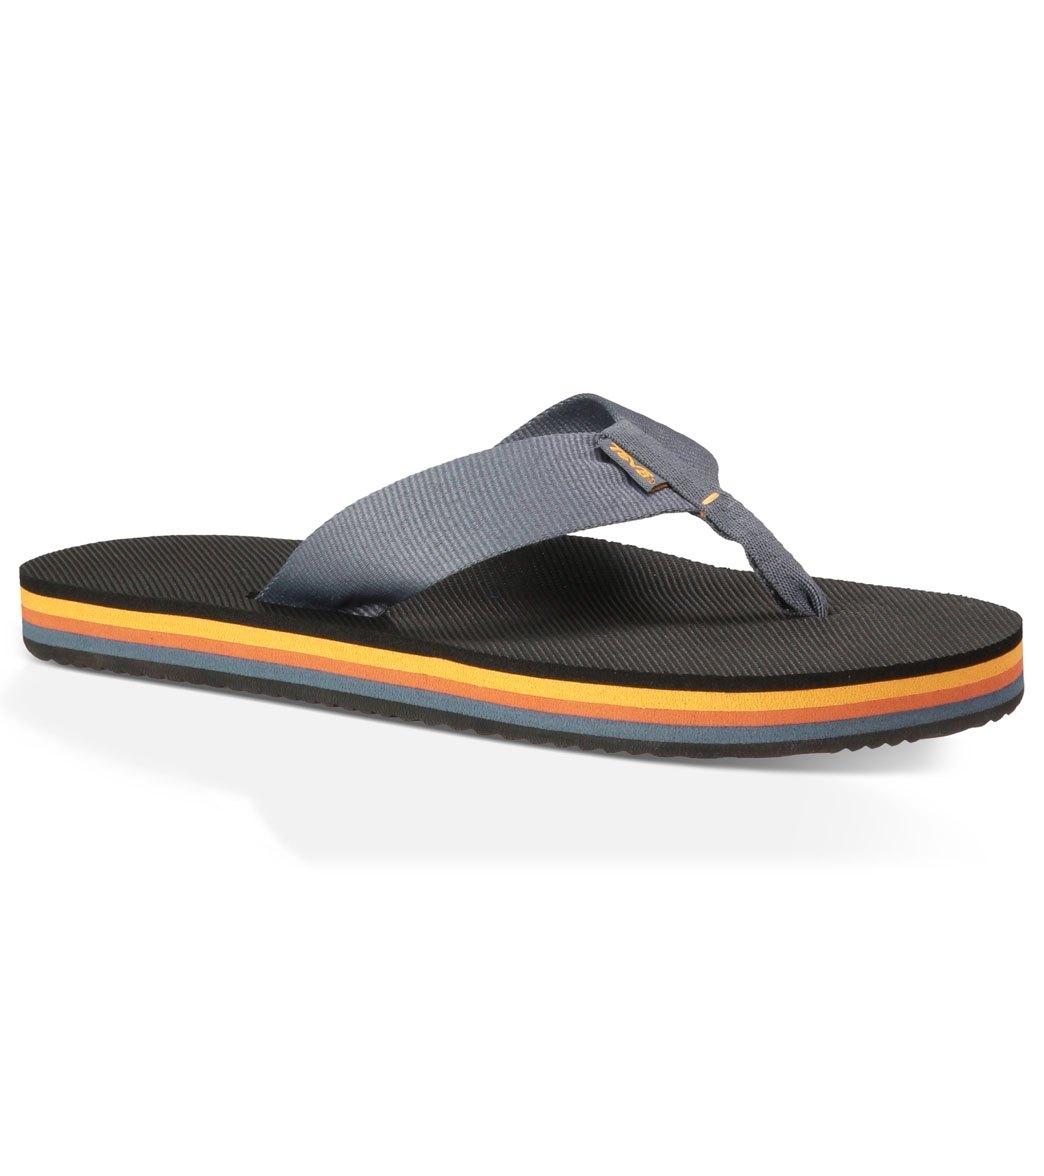 c05fb83f9 Teva Men s Decker Flip Flop at SwimOutlet.com